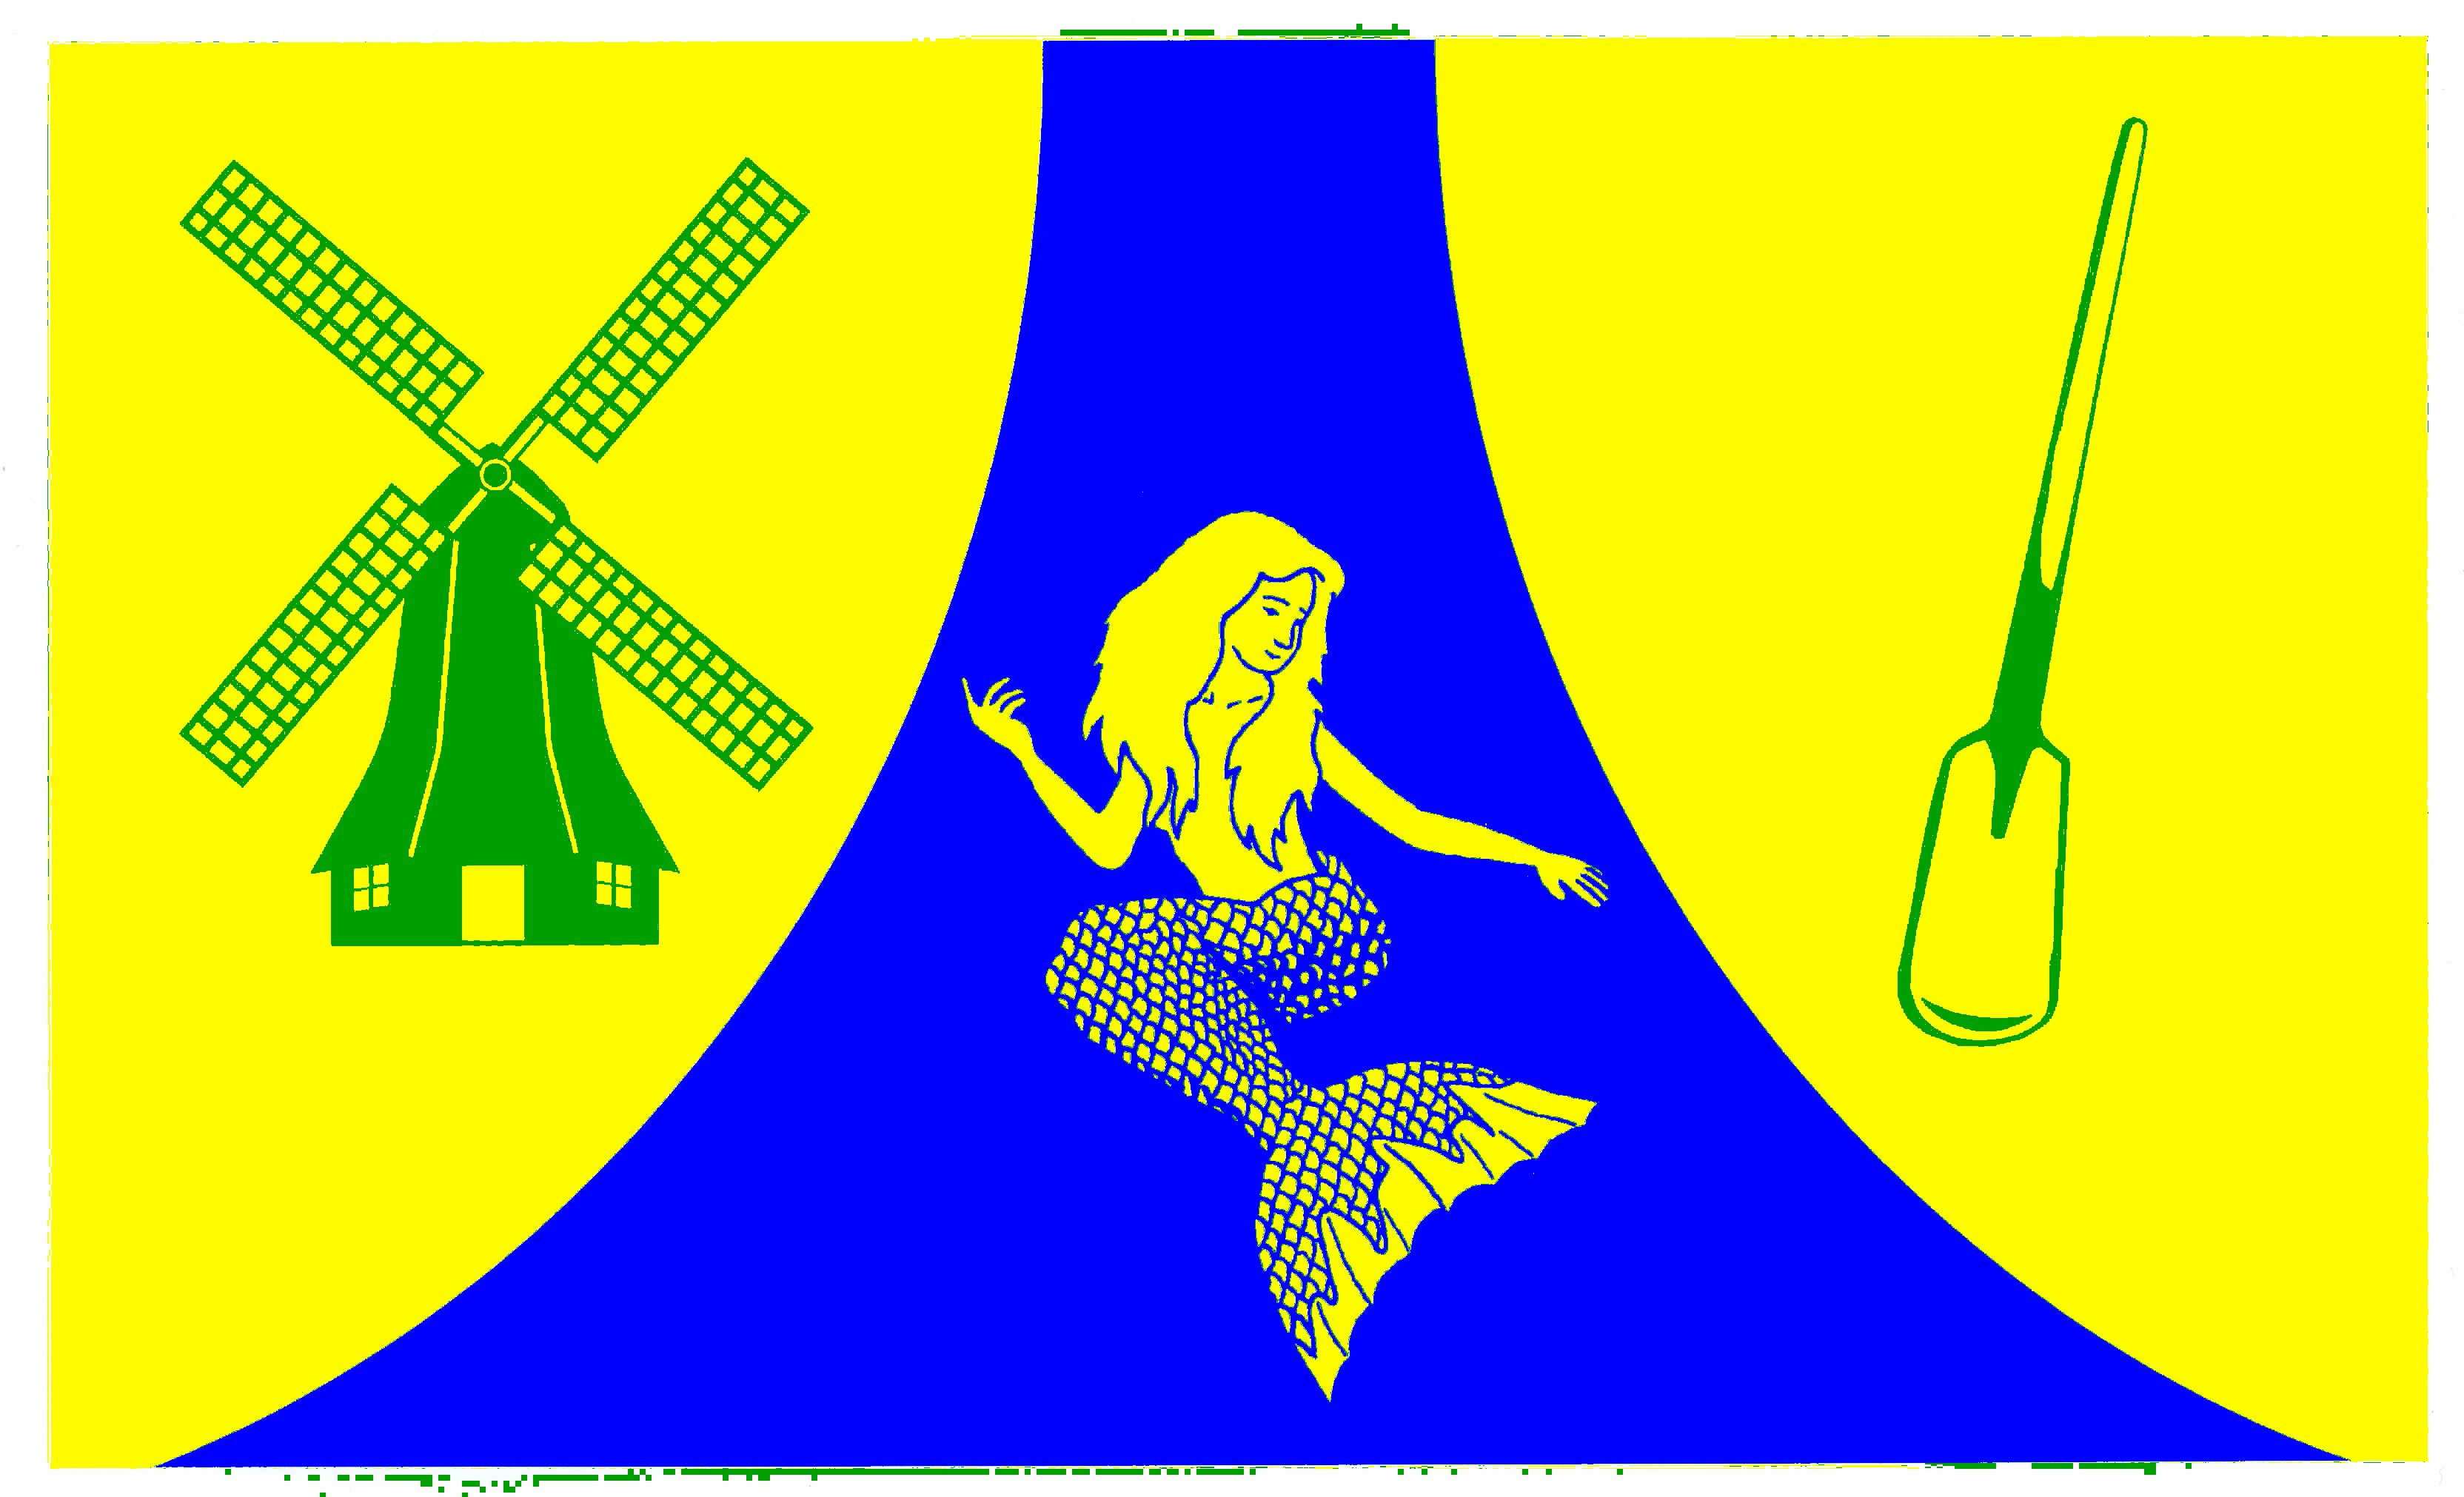 Flagge GemeindeWesterdeichstrich, Kreis Dithmarschen